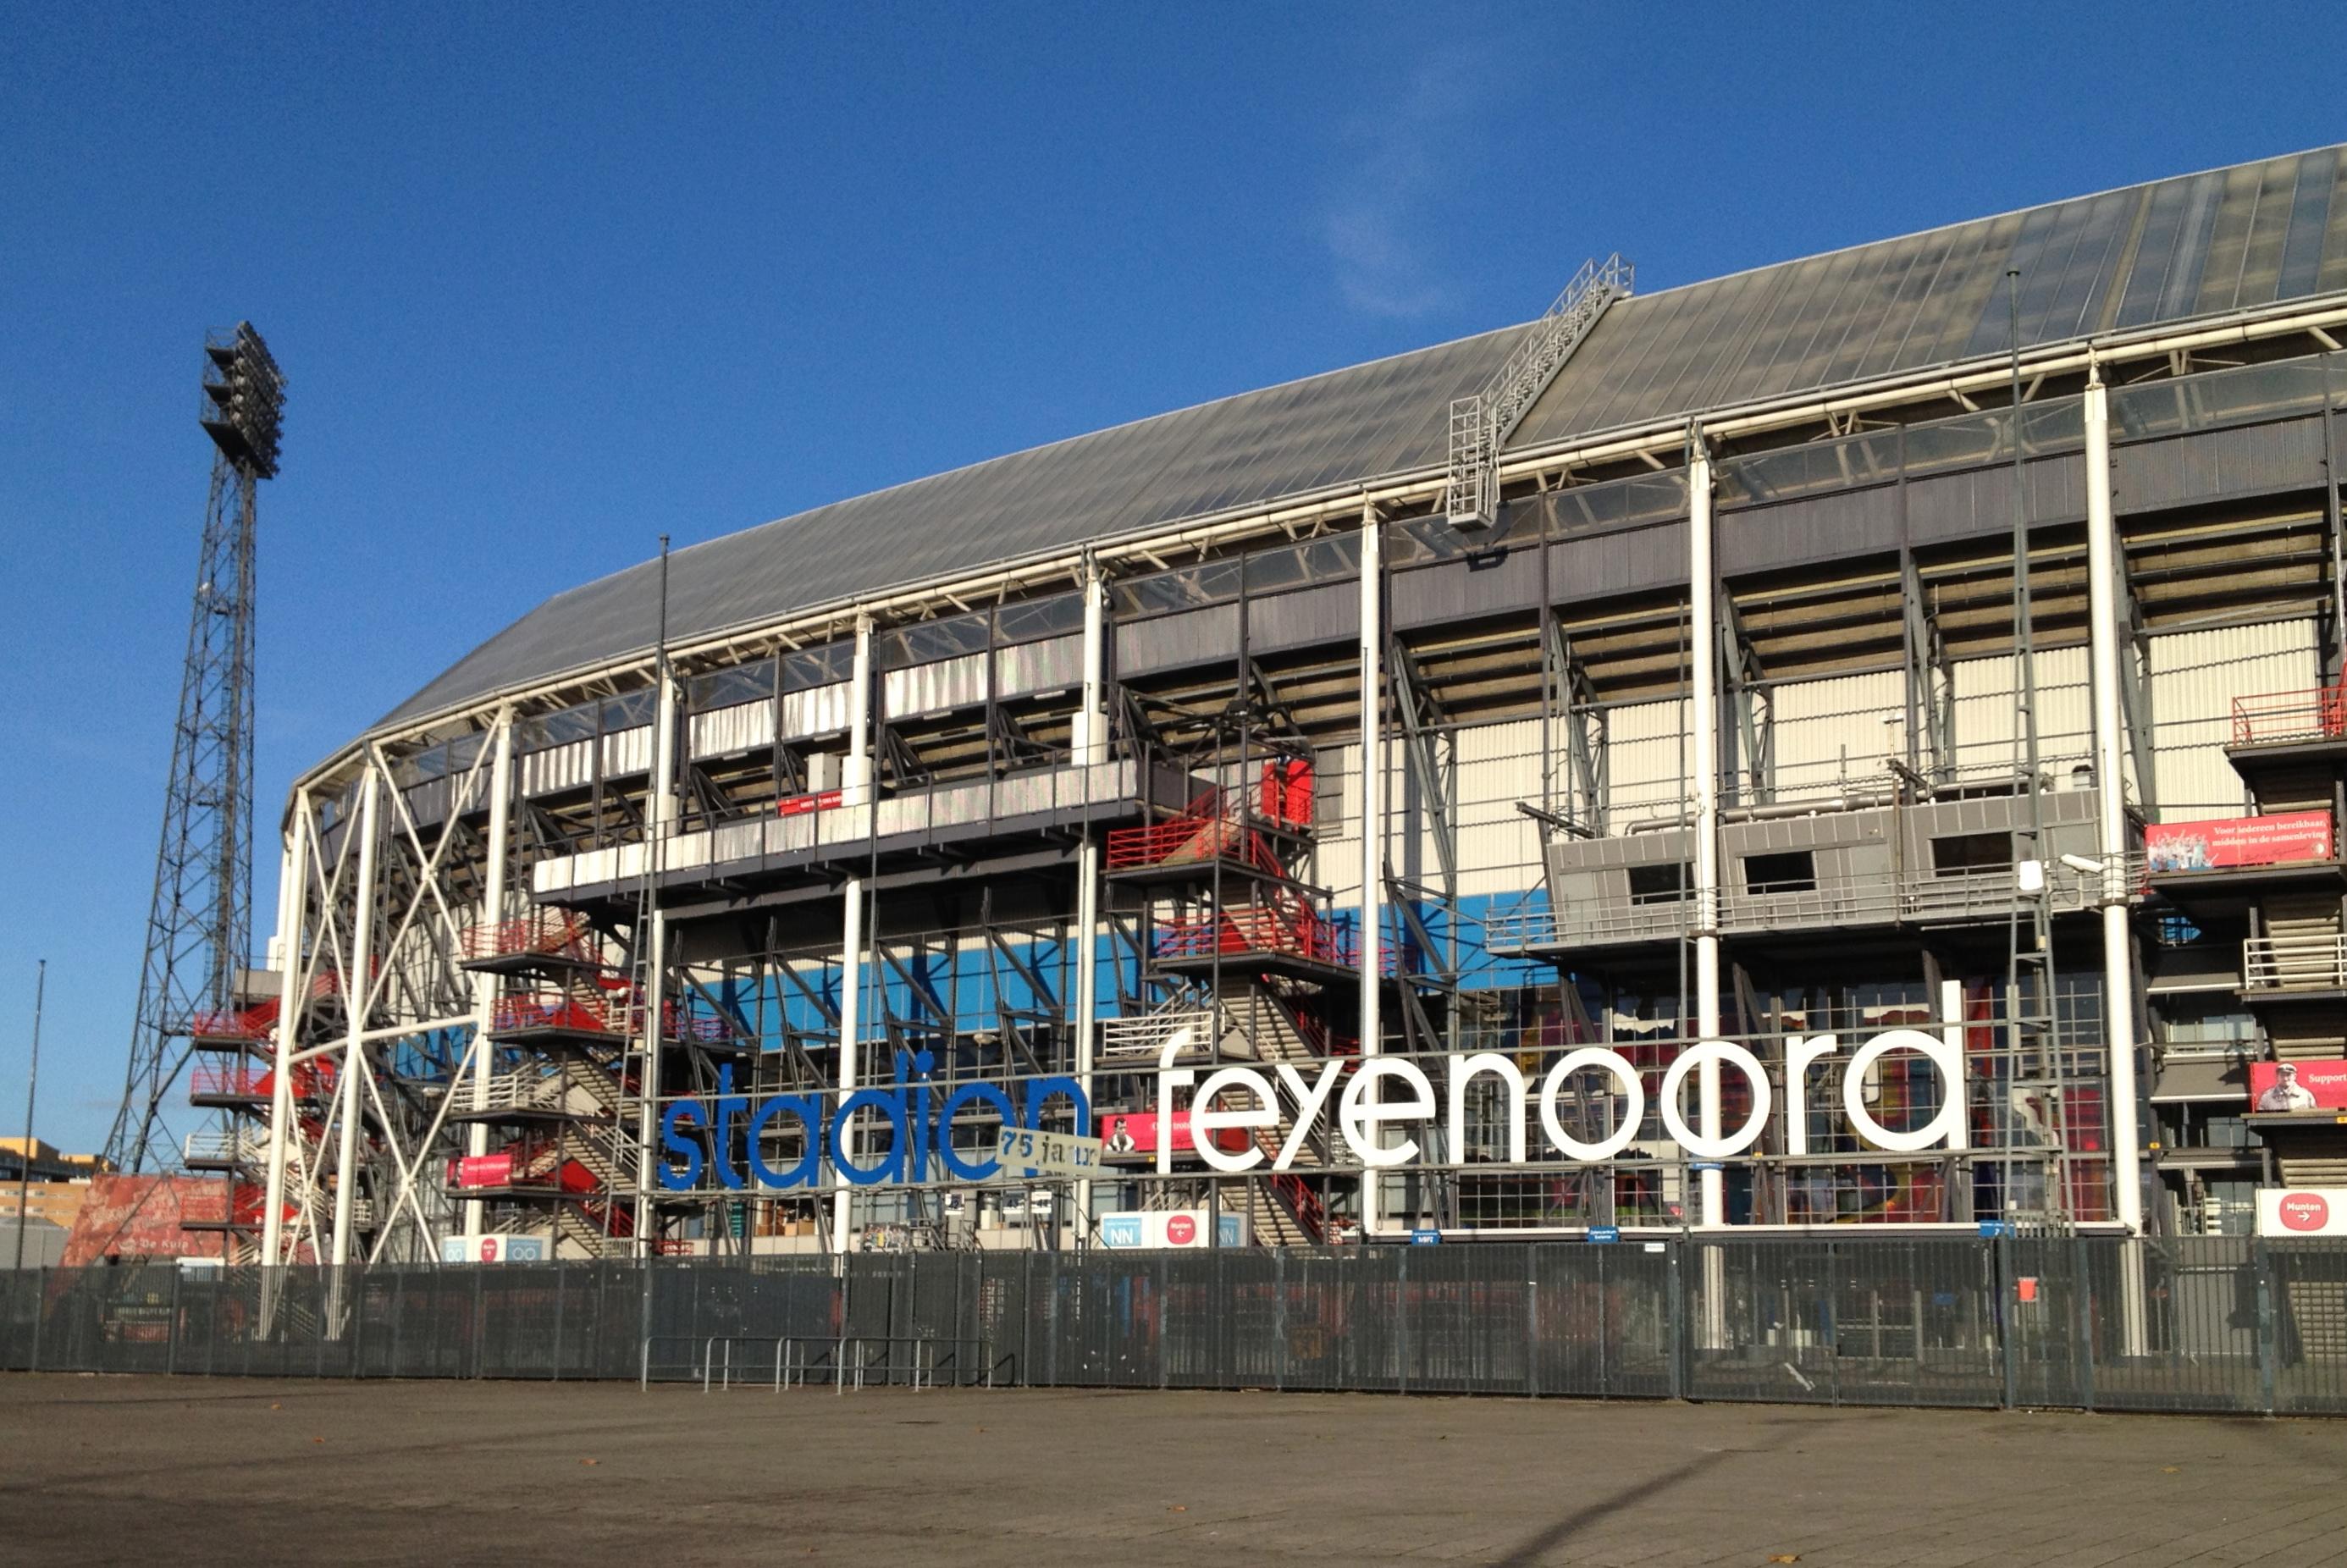 https commons wikimedia org wiki file stadion feyenoord rotterdam jpg